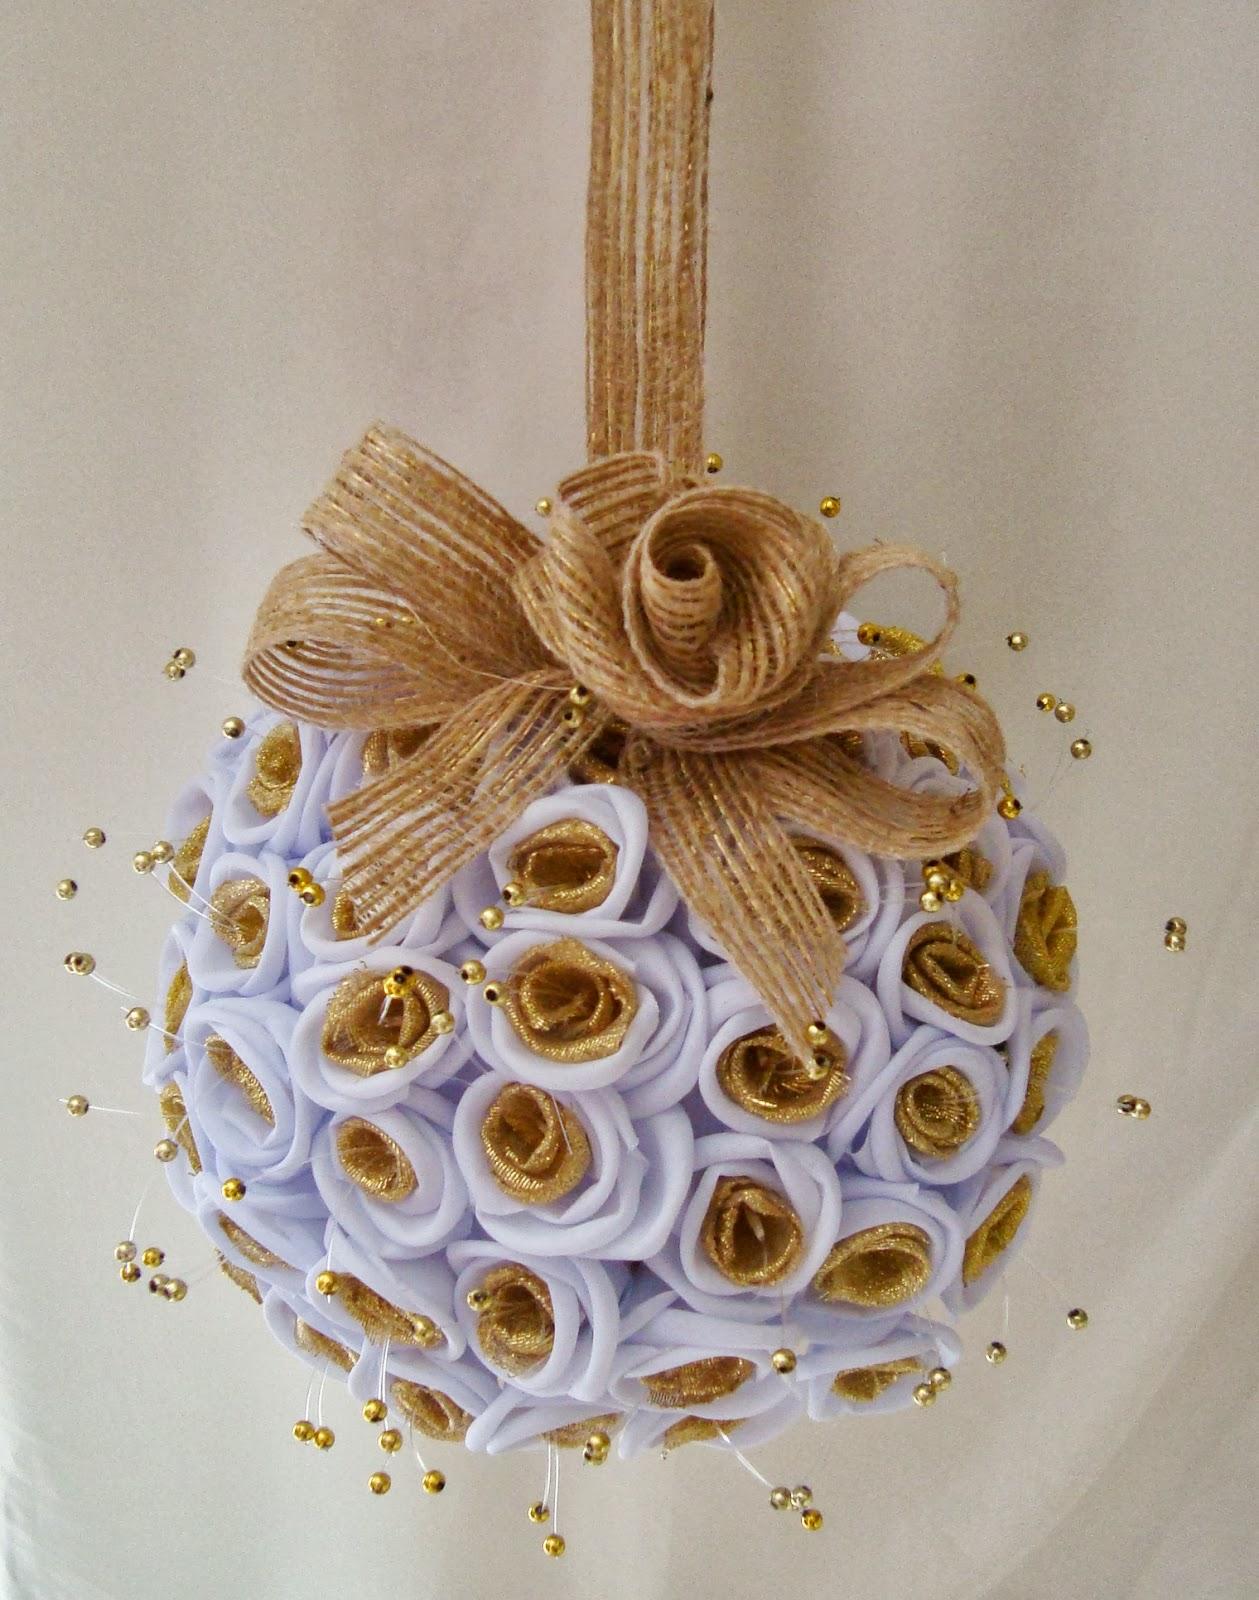 decoracao casamento juta : decoracao casamento juta: Lembrancinhas: Bola de Flor para Daminha e decoração de casamento